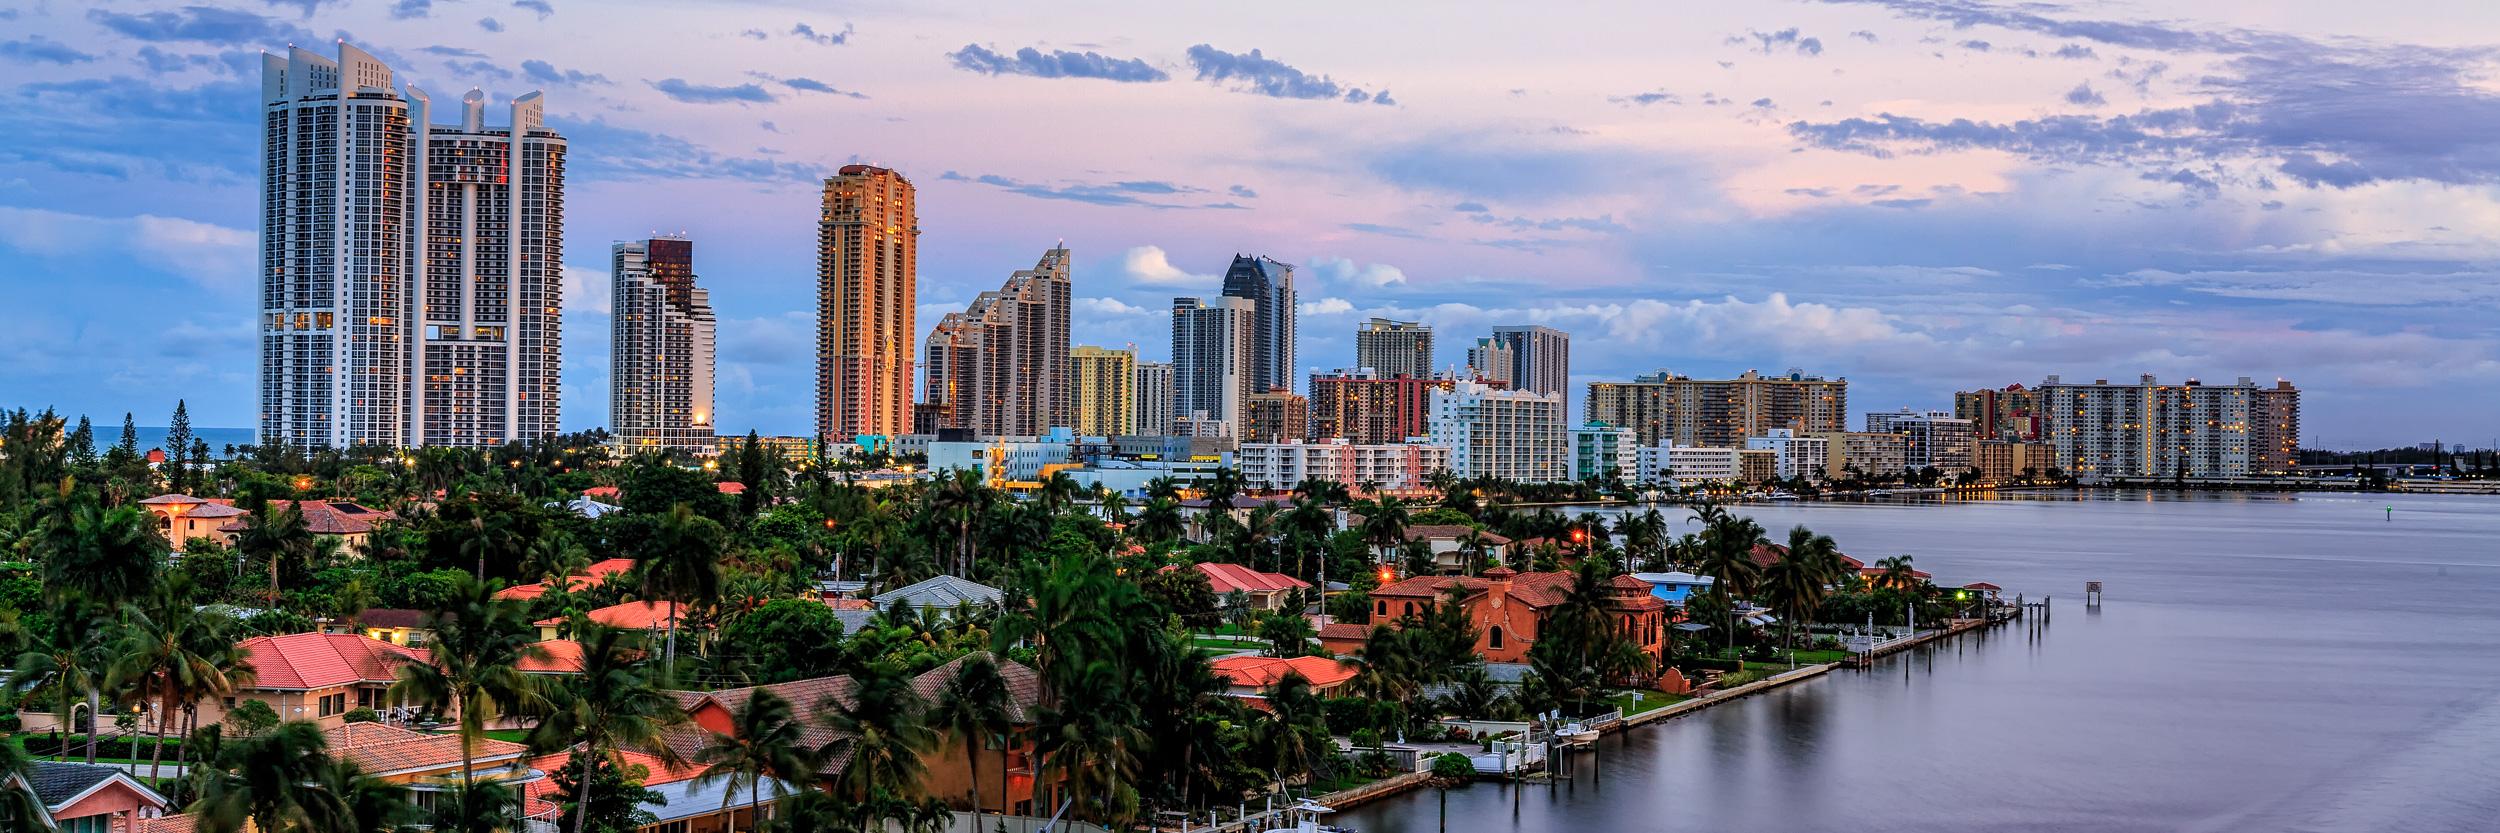 Sunny_Isles_skyline_sunset_Miami_Fort_Lauderdale_commercial_photographer_Franklin_Castillo.jpg